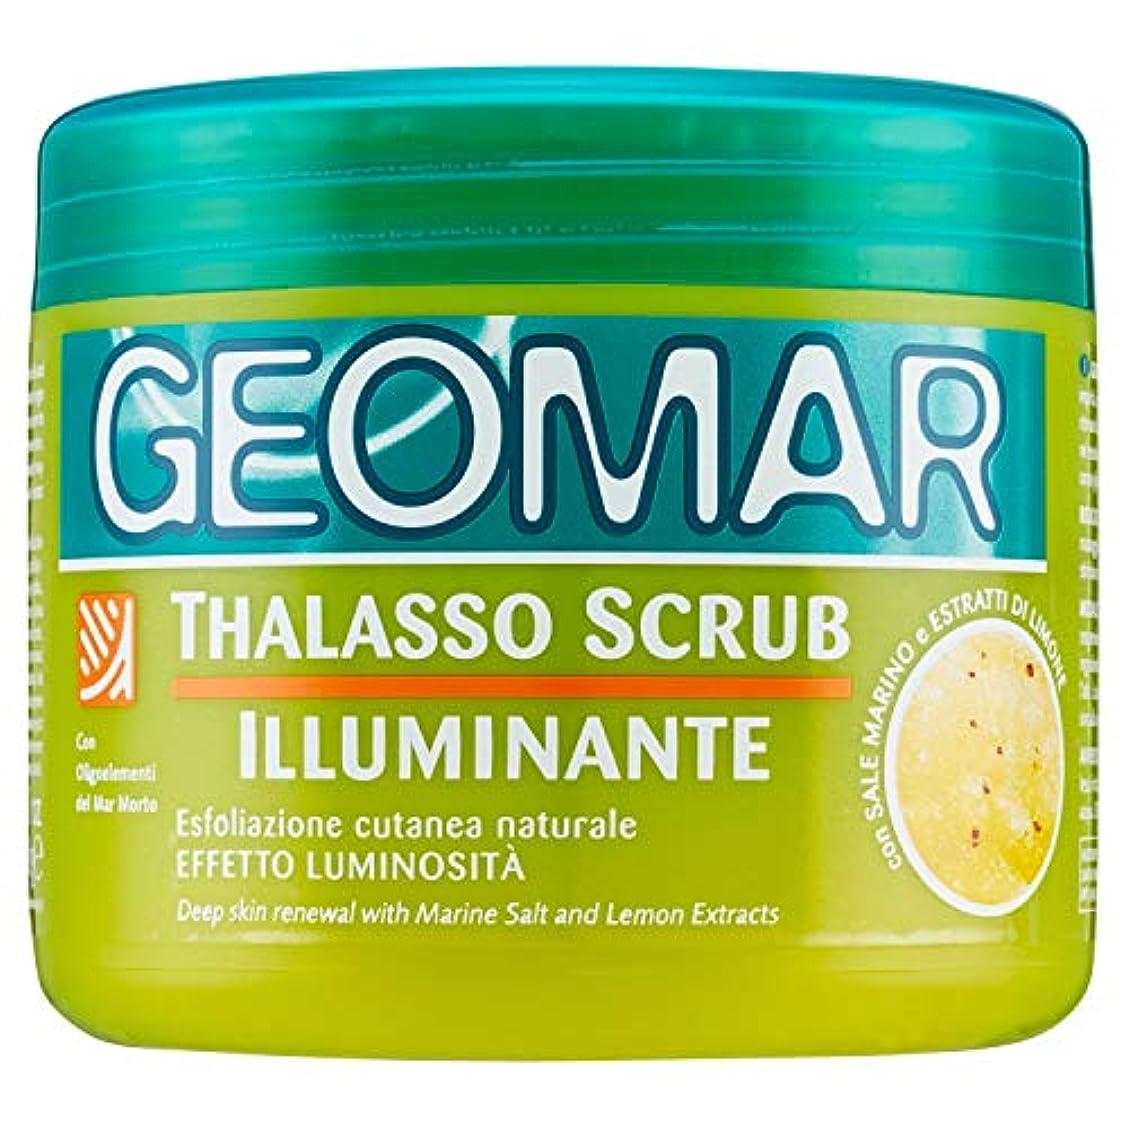 アーティスト繰り返した刻むジェオマール タラソスクラブ イルミナント#レモン600g [並行輸入品]